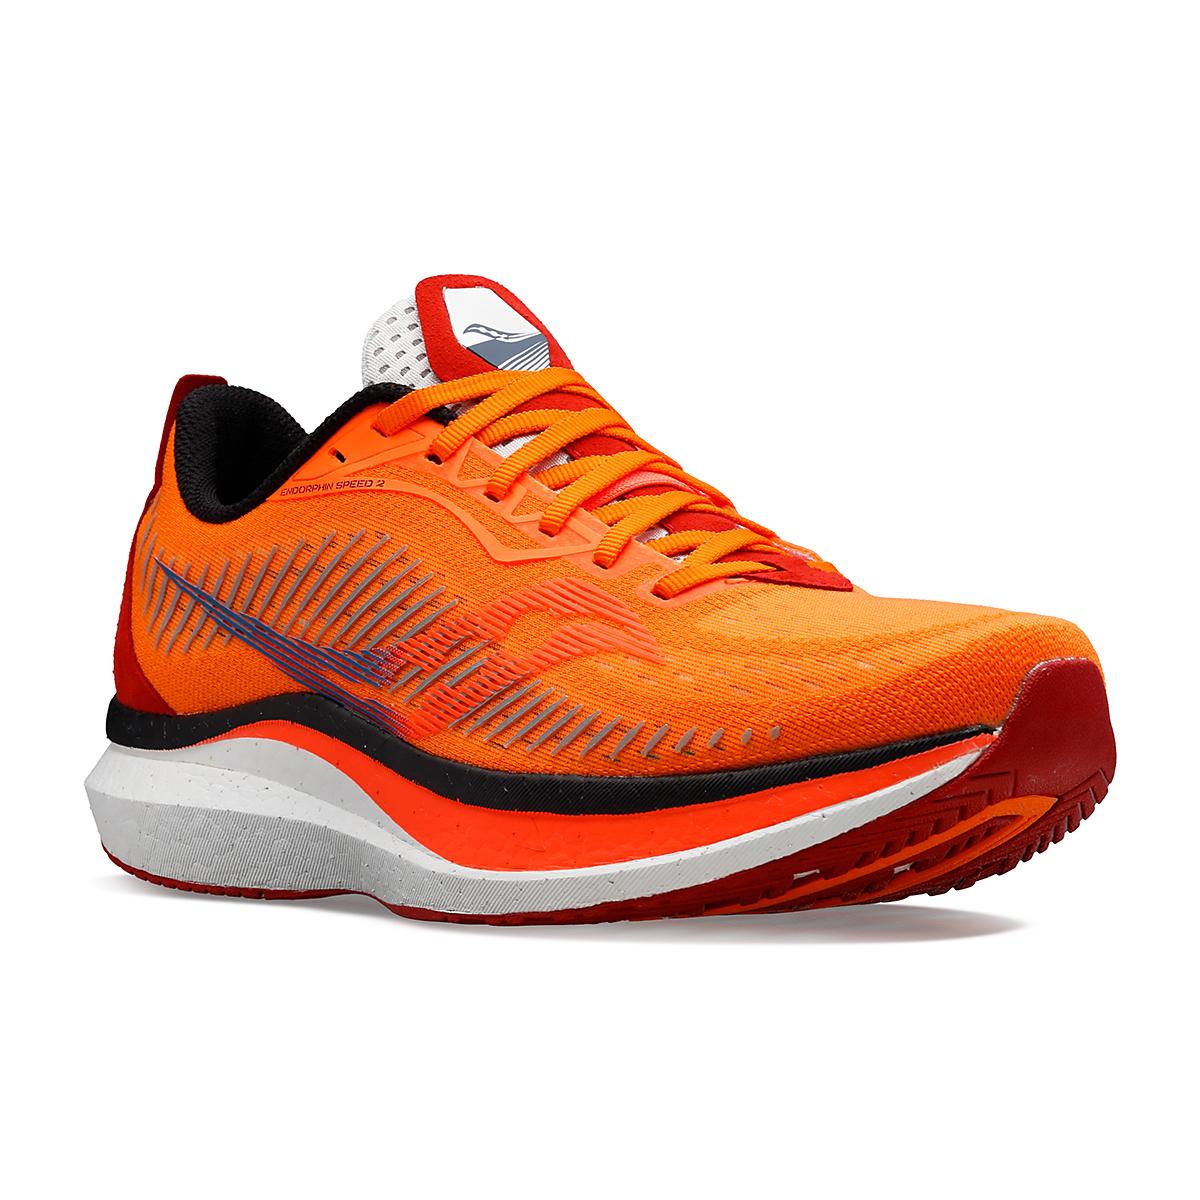 Men's Saucony Endorphin Speed 2 Running Shoe - Color: Jackalope - Size: 7 - Width: Regular, Jackalope, large, image 5